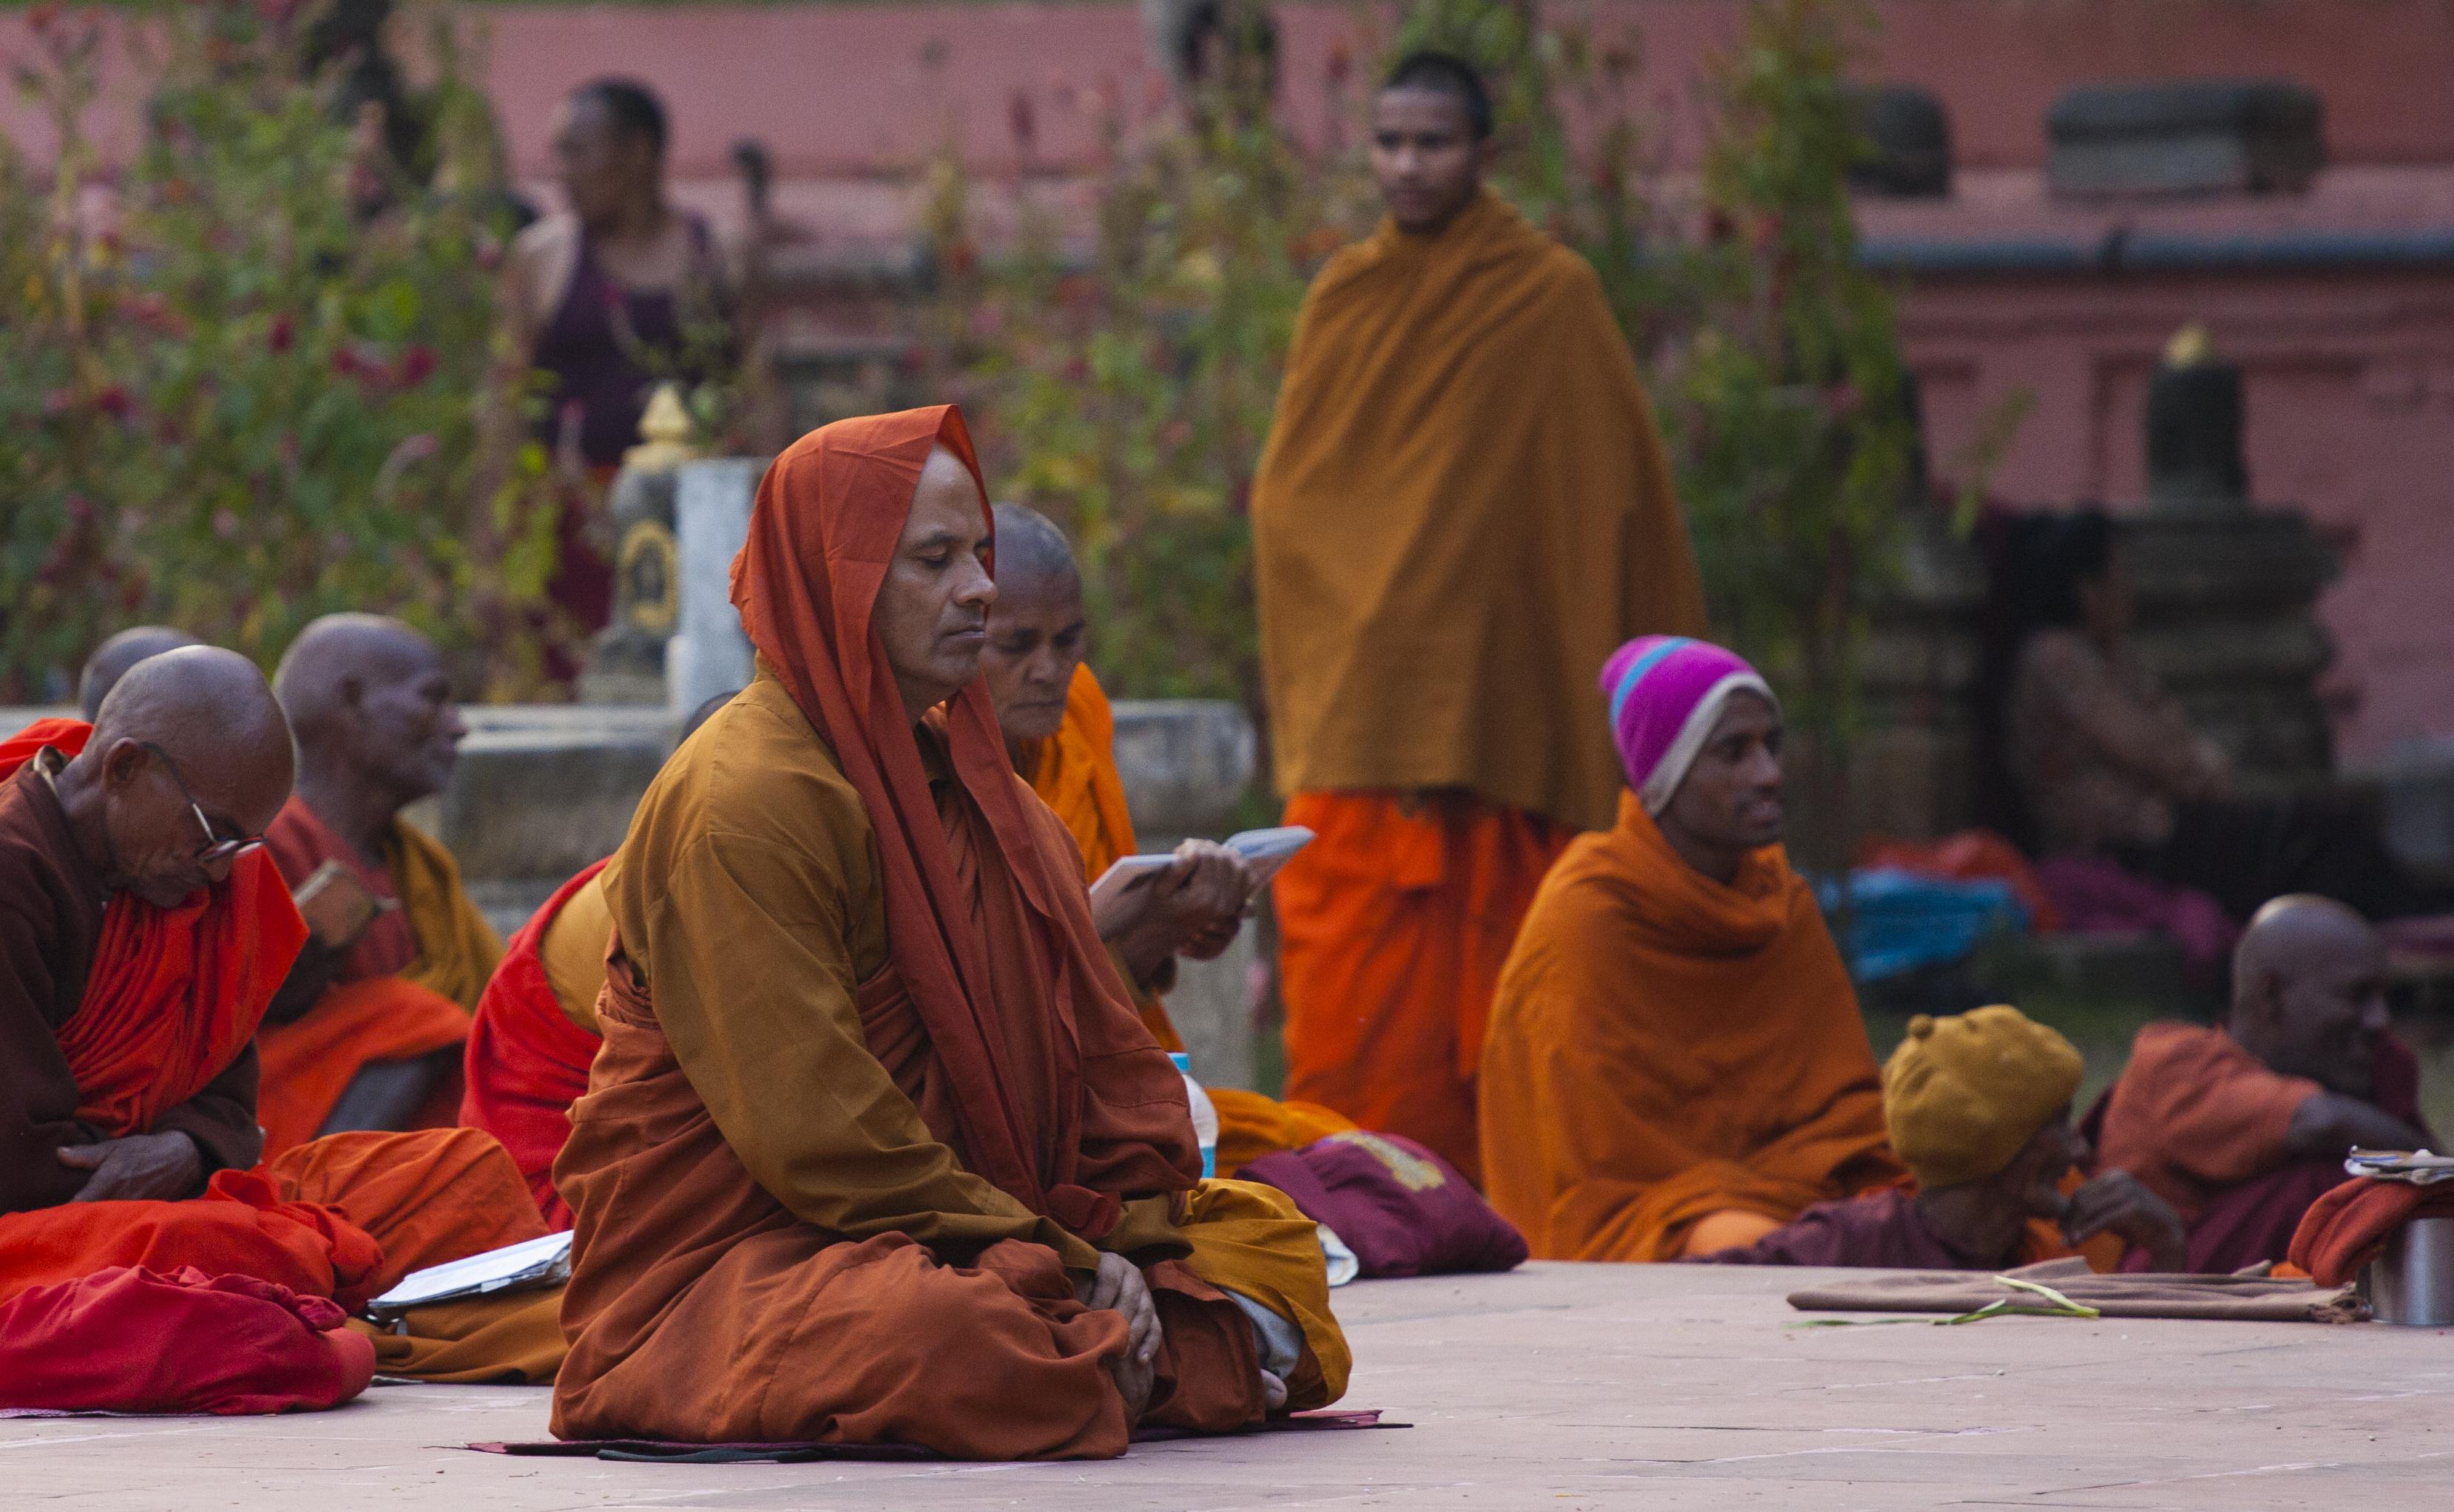 Meditating in Bodhgaya